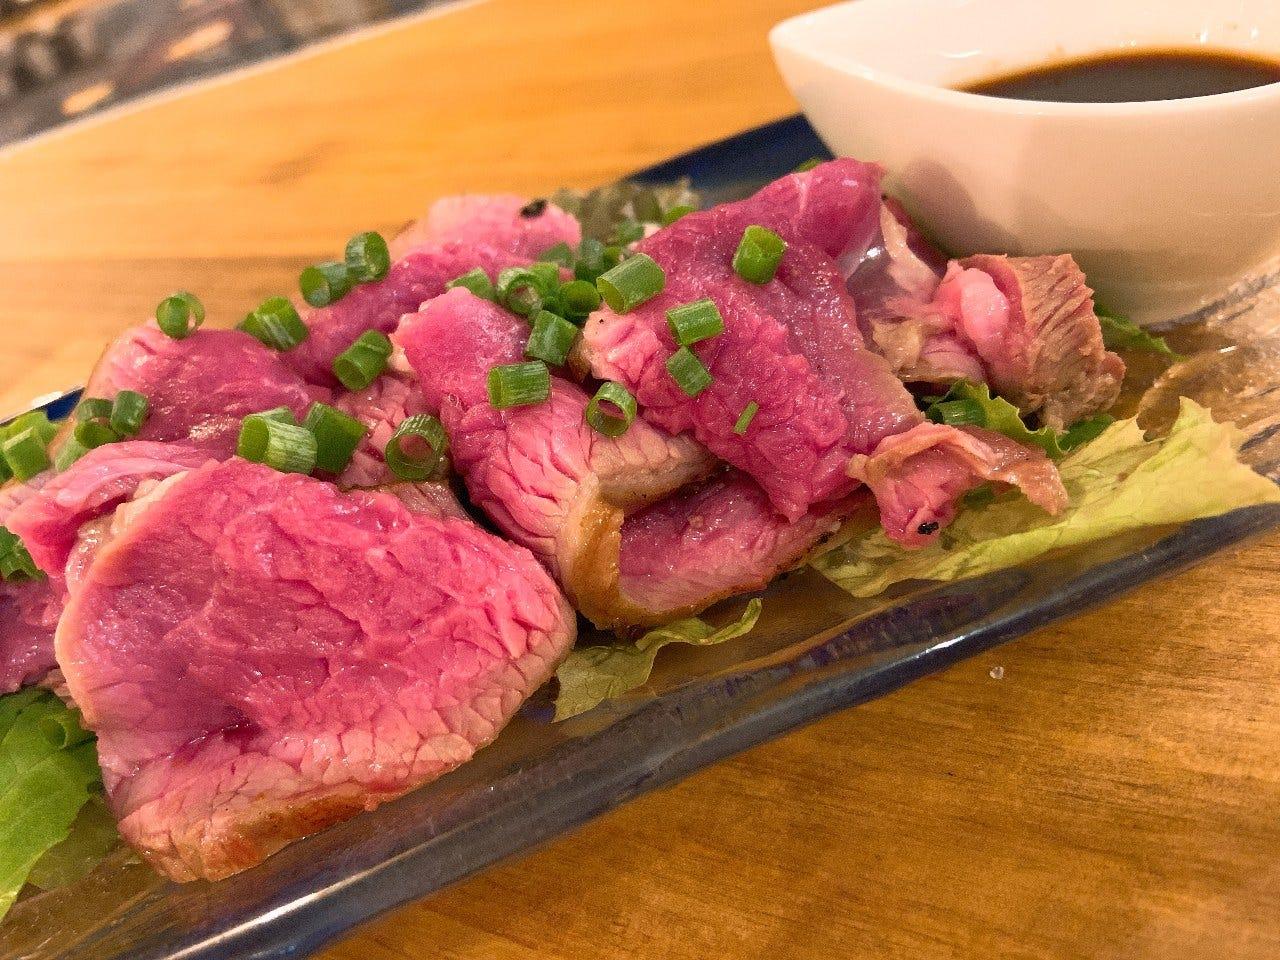 アイスランド産の新鮮なラム、臭みが無くて食べやすいです。